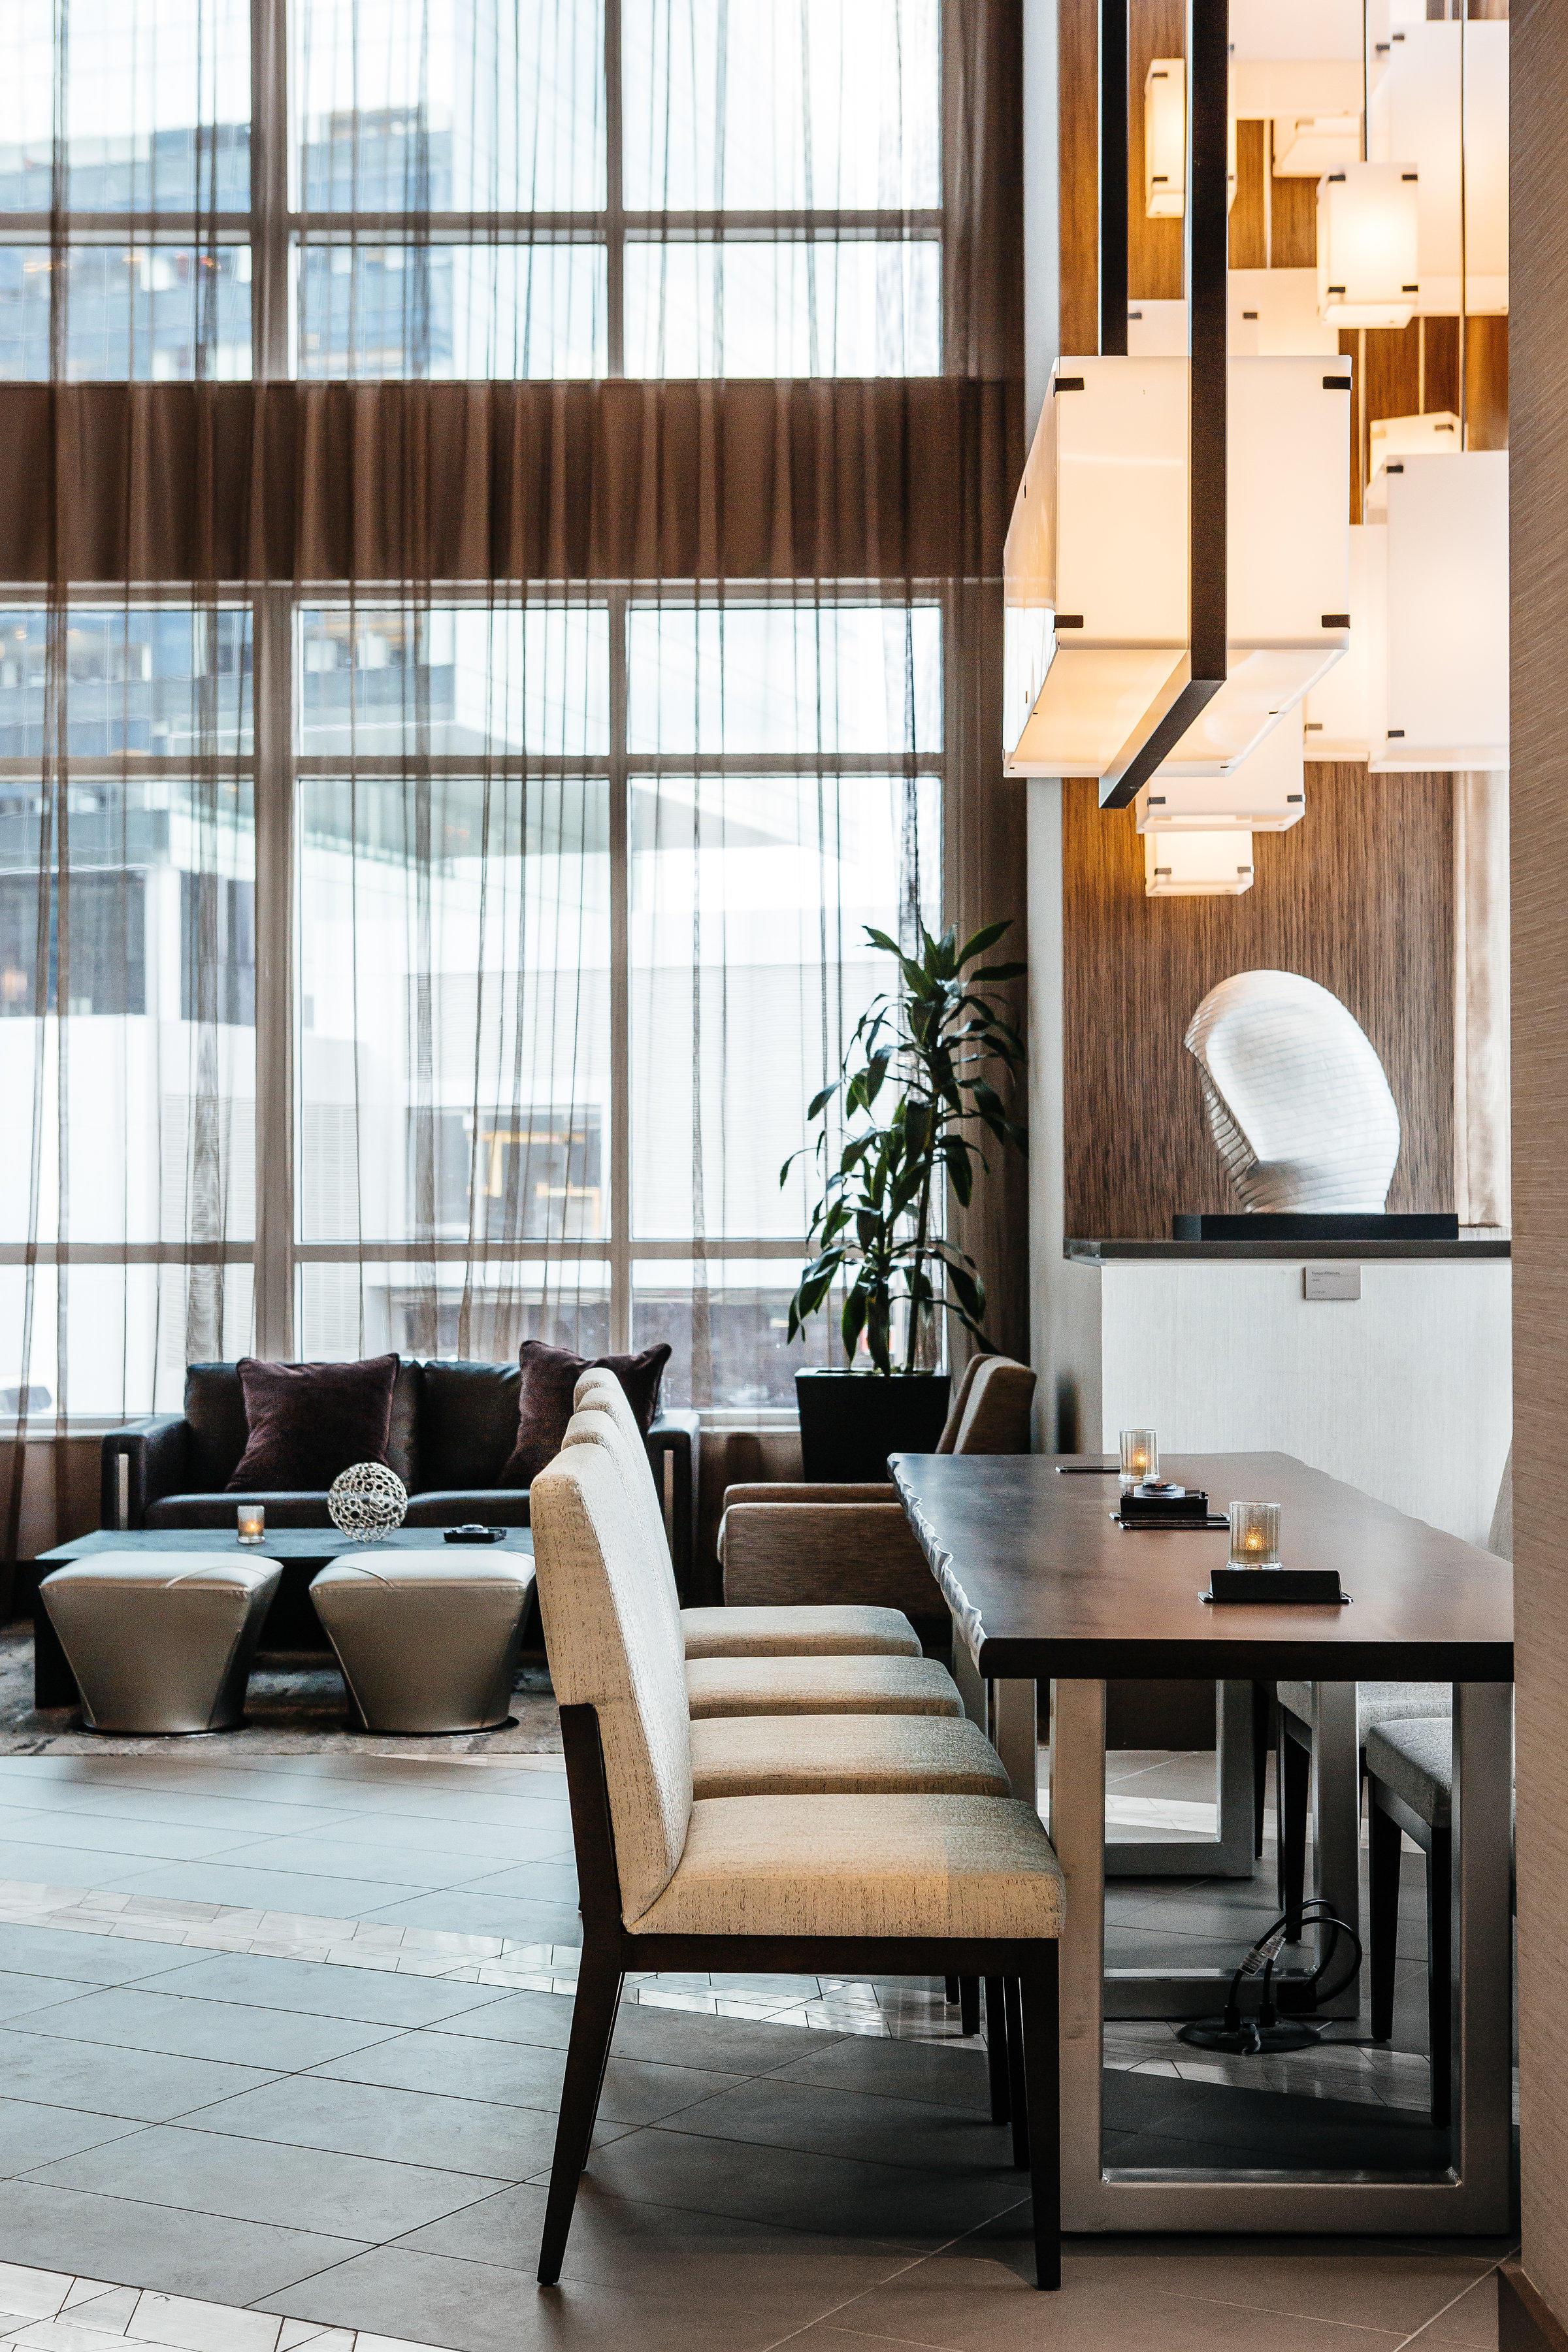 AC Lounge image 3